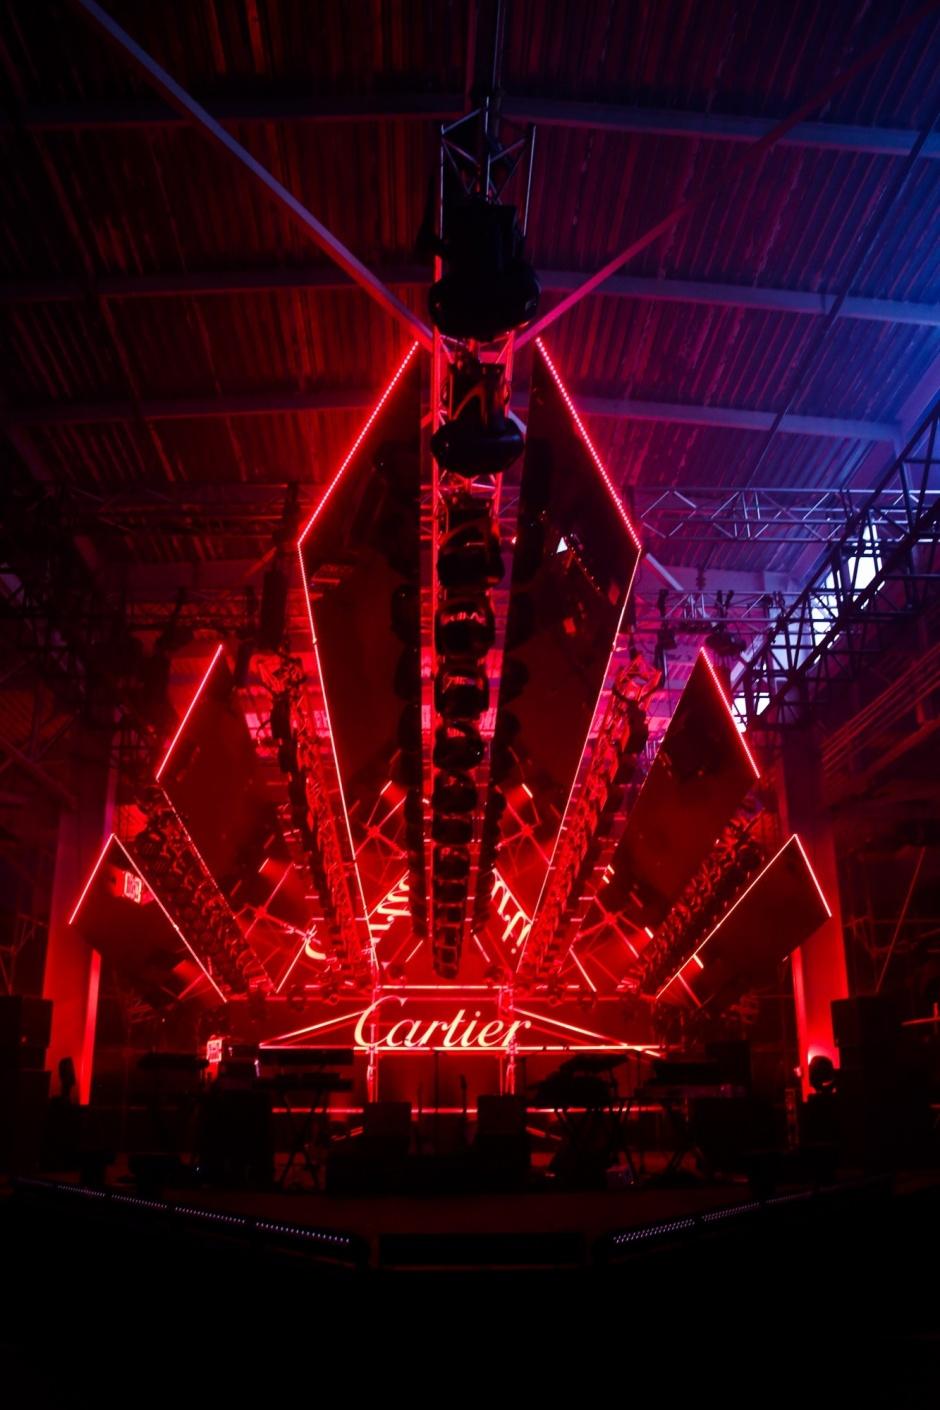 The Cartier Party: Santos de Cartier